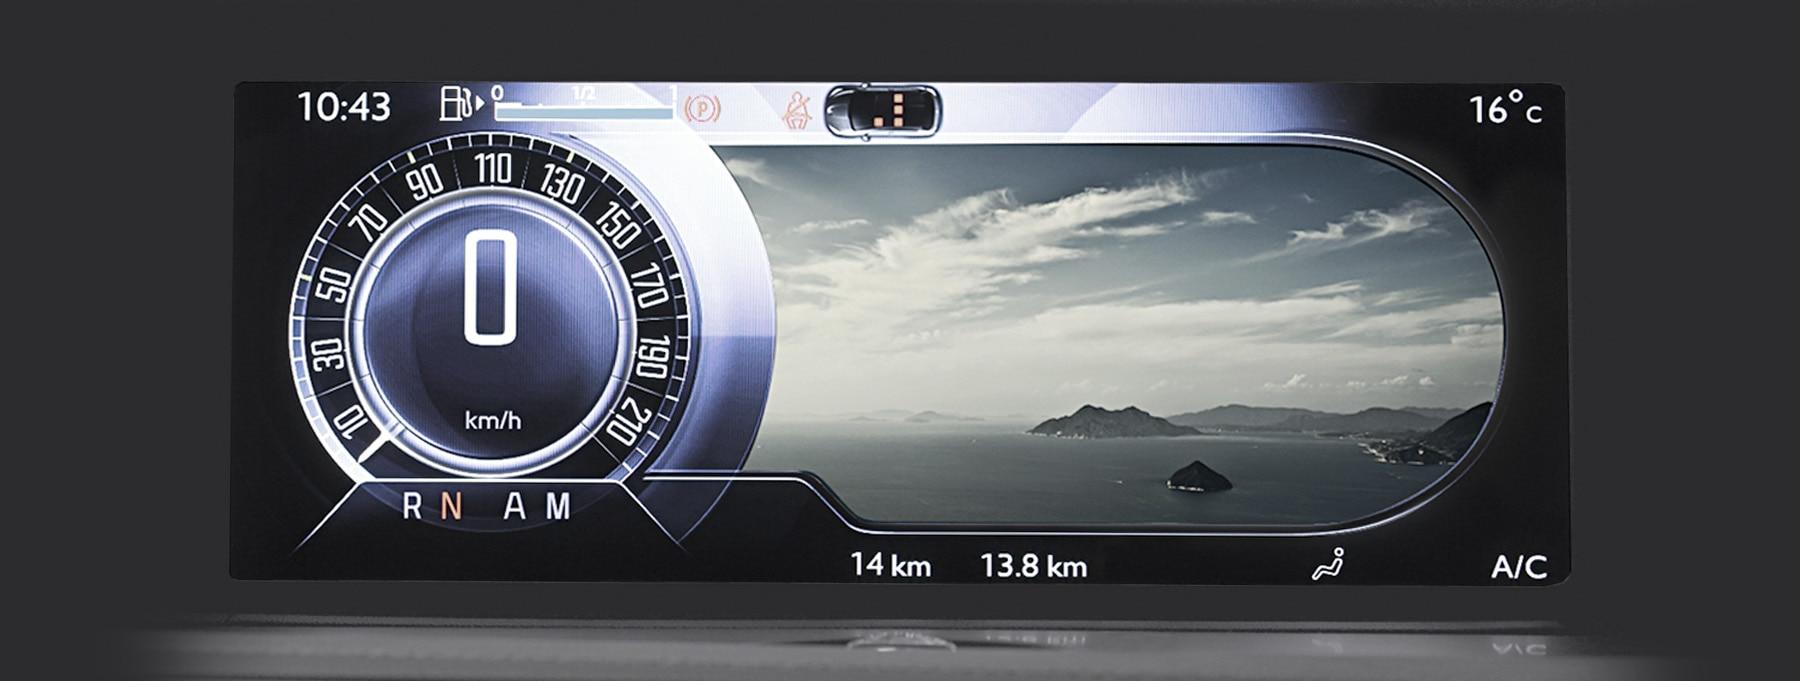 Confort - Écran Panoramique 12 pouces HD